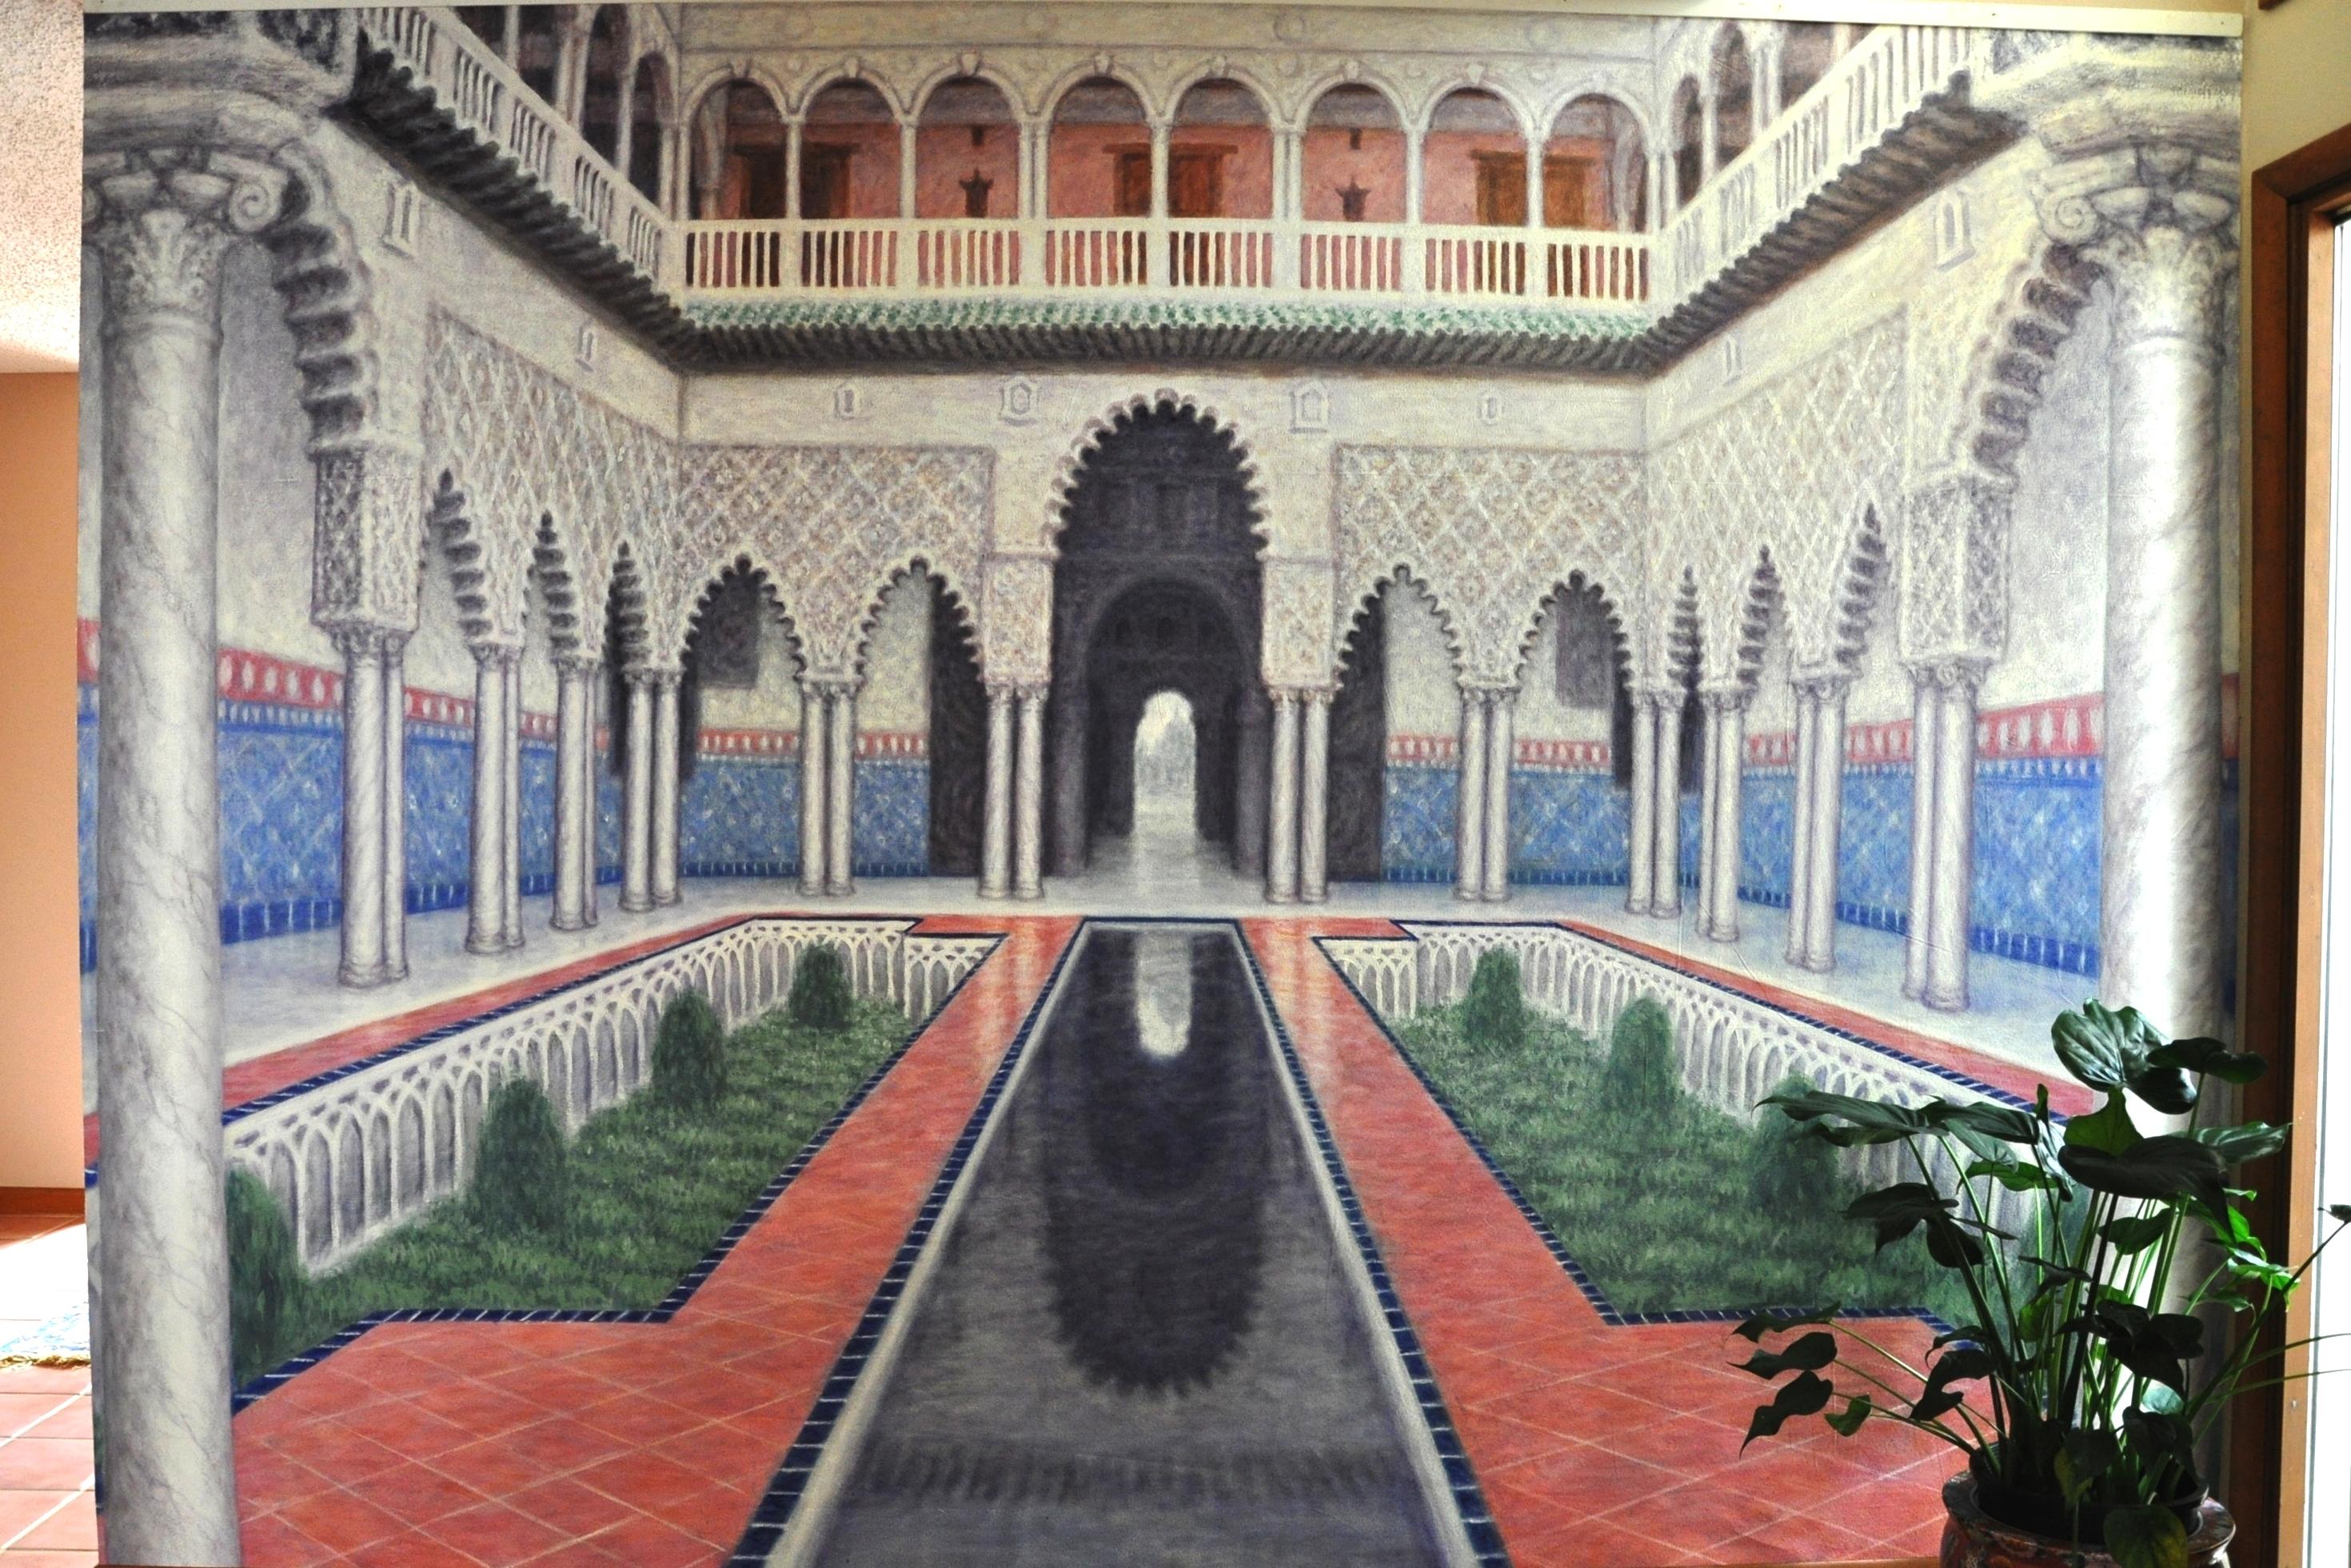 Alcazar Palace, Spain